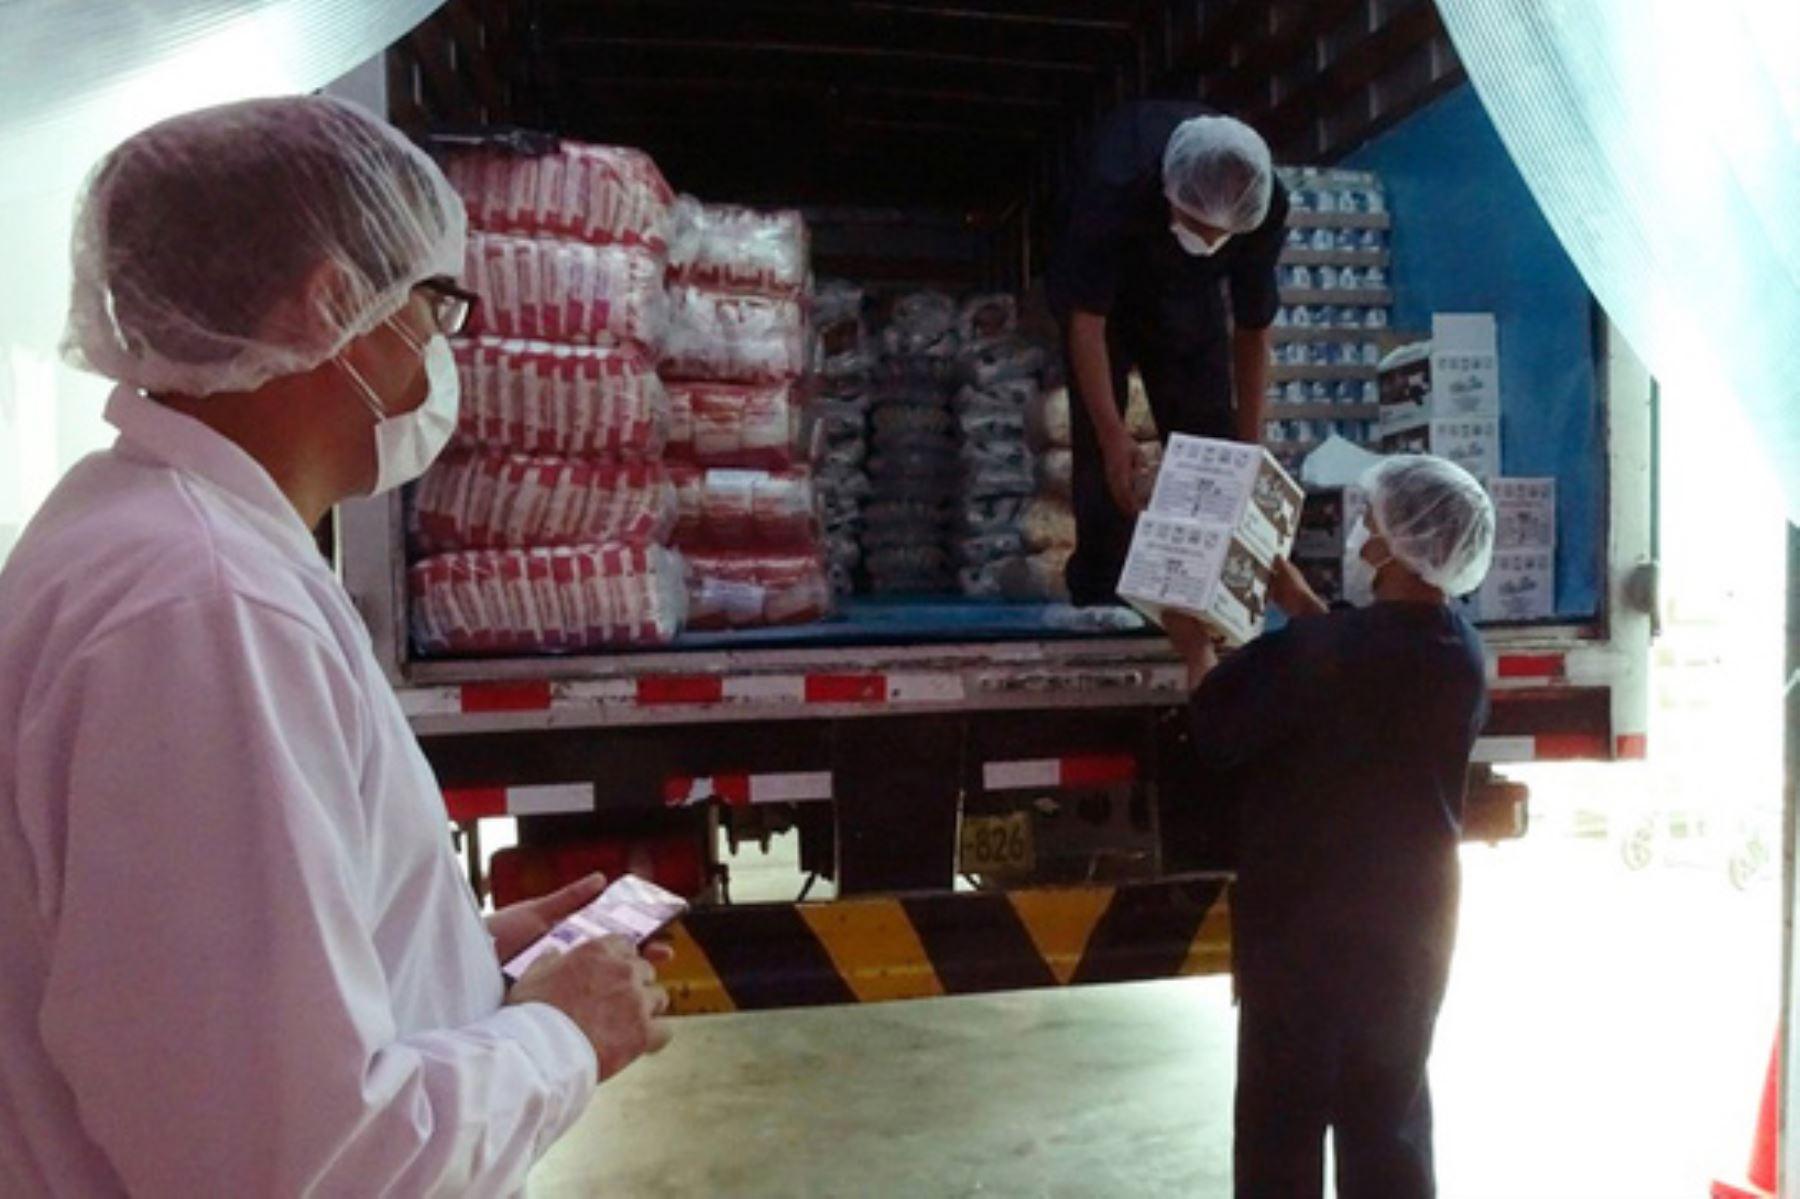 Los proveedores de la Unidad Territorial Lima Provincias de Qali Warma iniciaron el 22 de junio el reparto de alimentos en 763 escuelas de las provincias de Huaura, Canta, Huaral y Barranca, para la atención de 76,149 niñas y niños. Foto: ANDINA/Midis.